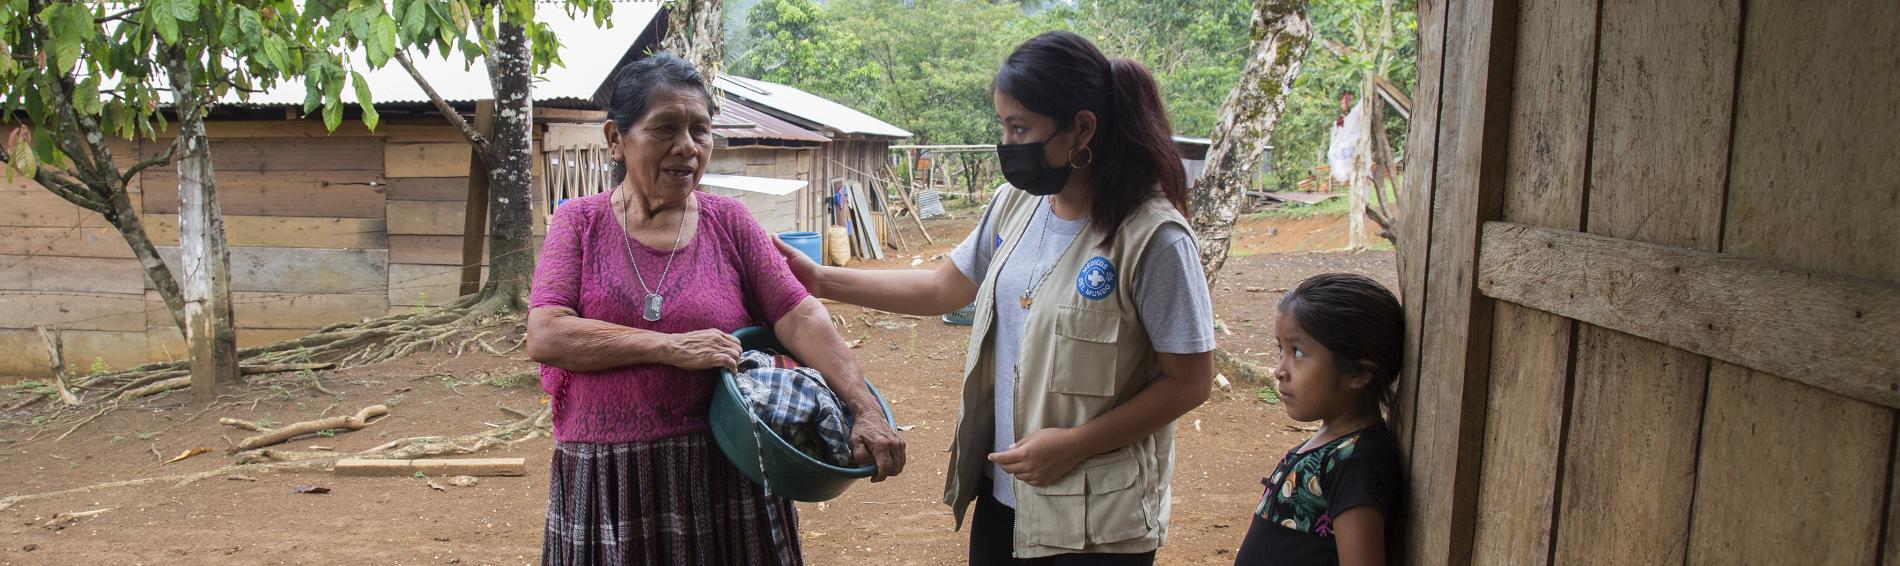 Fidelia habla en Qeqchi con una mujer comunidad Mucbilha de una de las familias afectadas por las inundaciones provocadas por Eta e Iota.